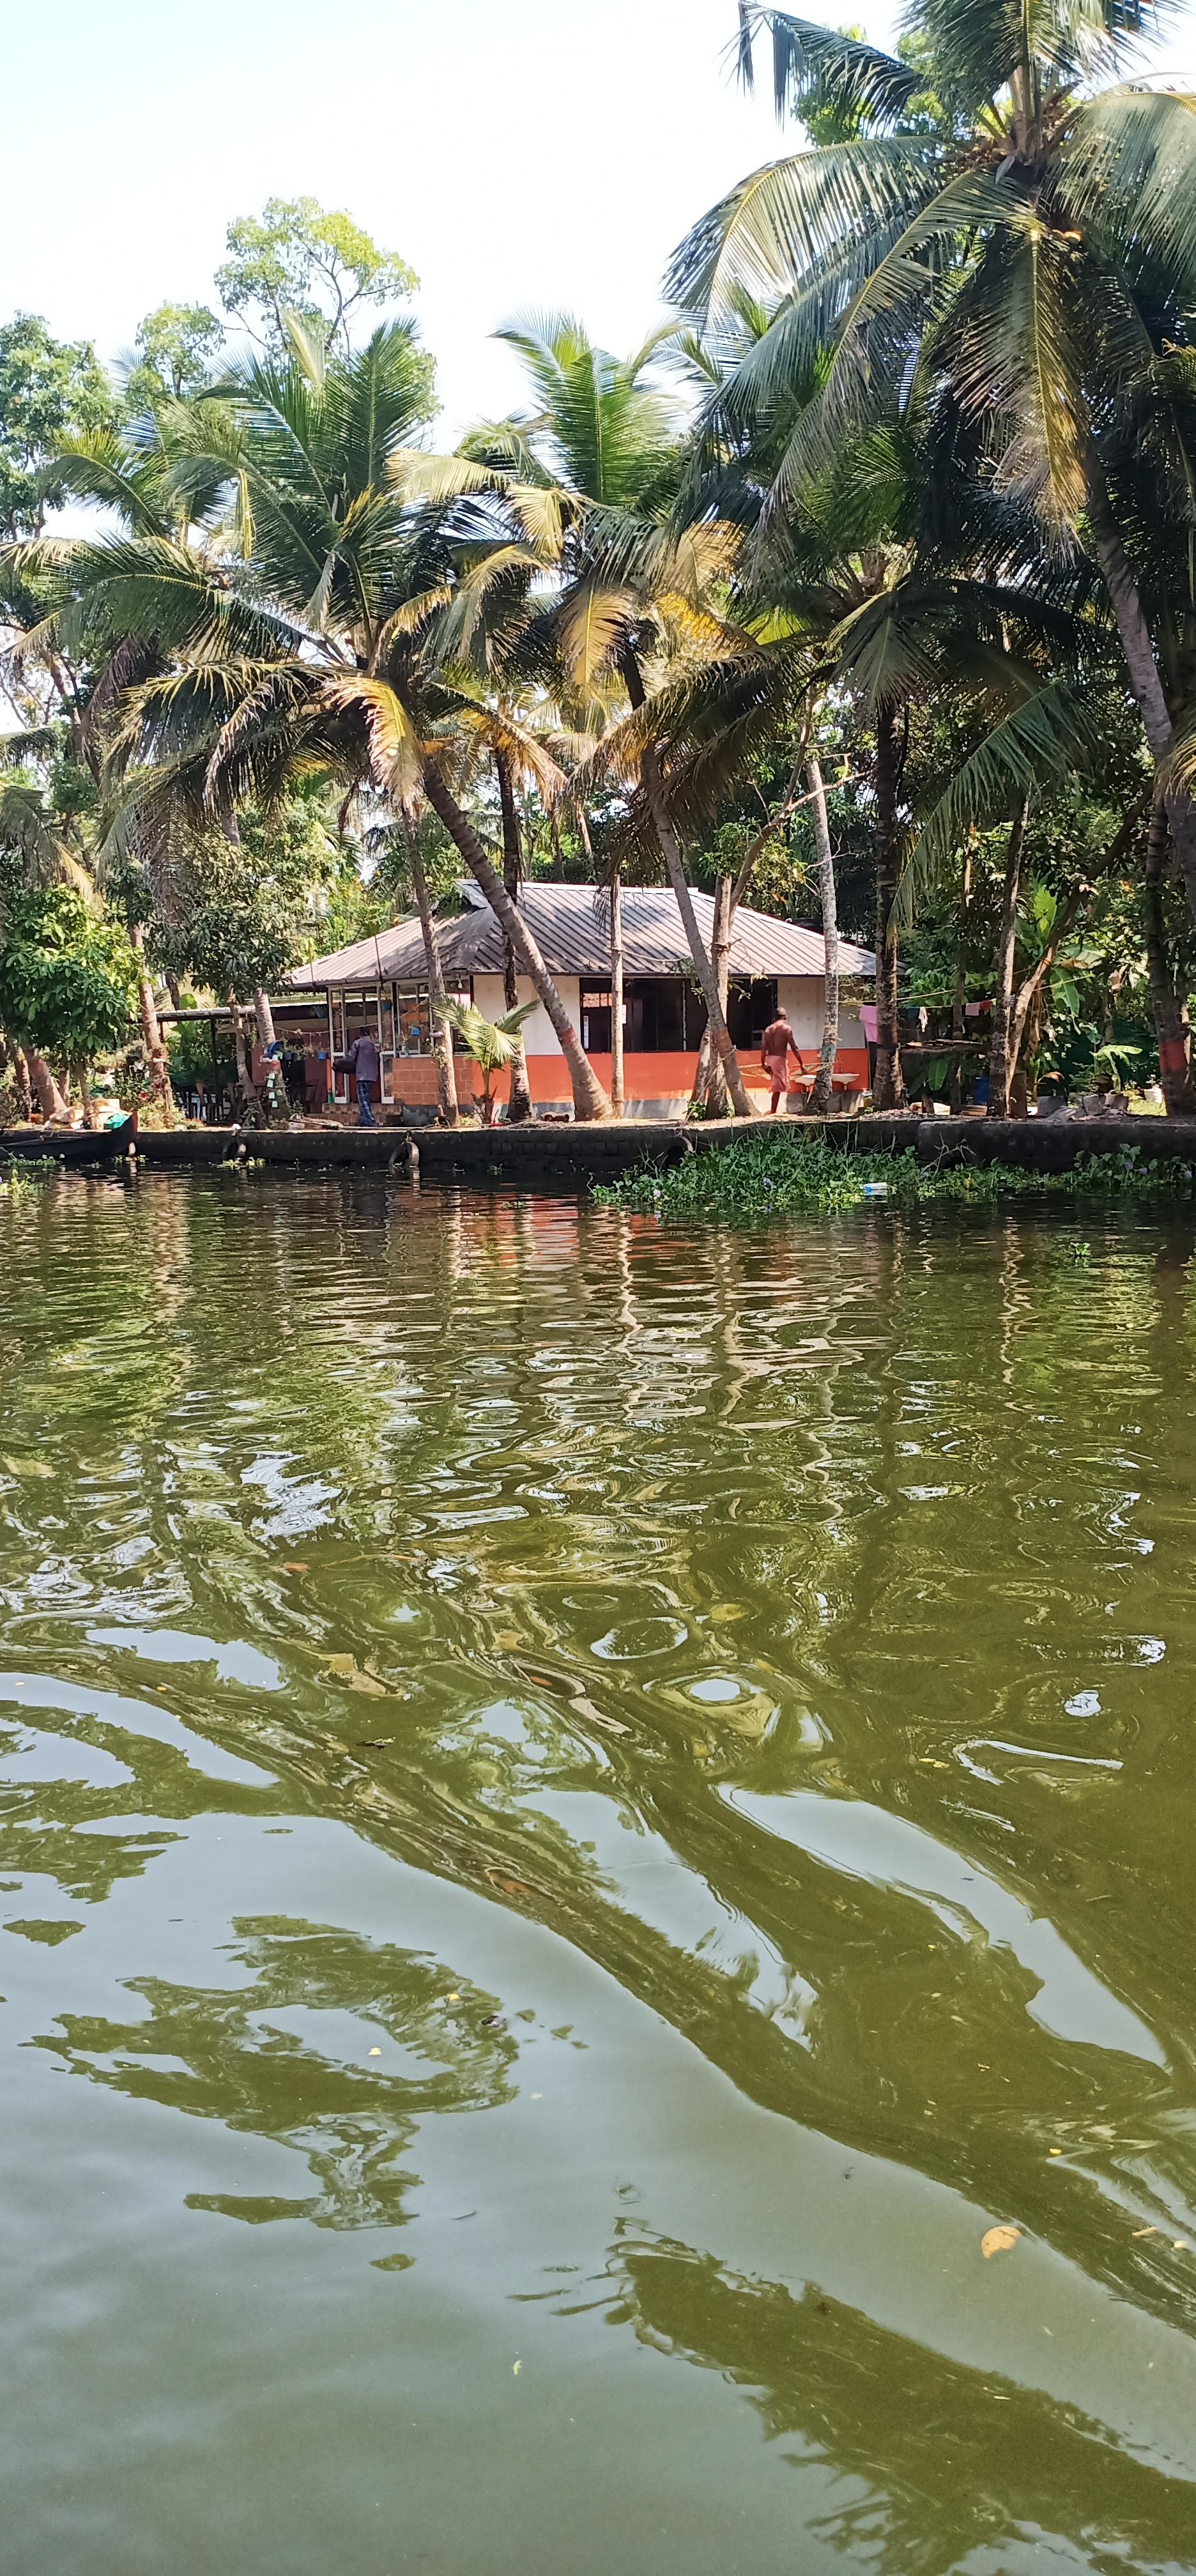 Alleppy_Backwaters_Kerala_9